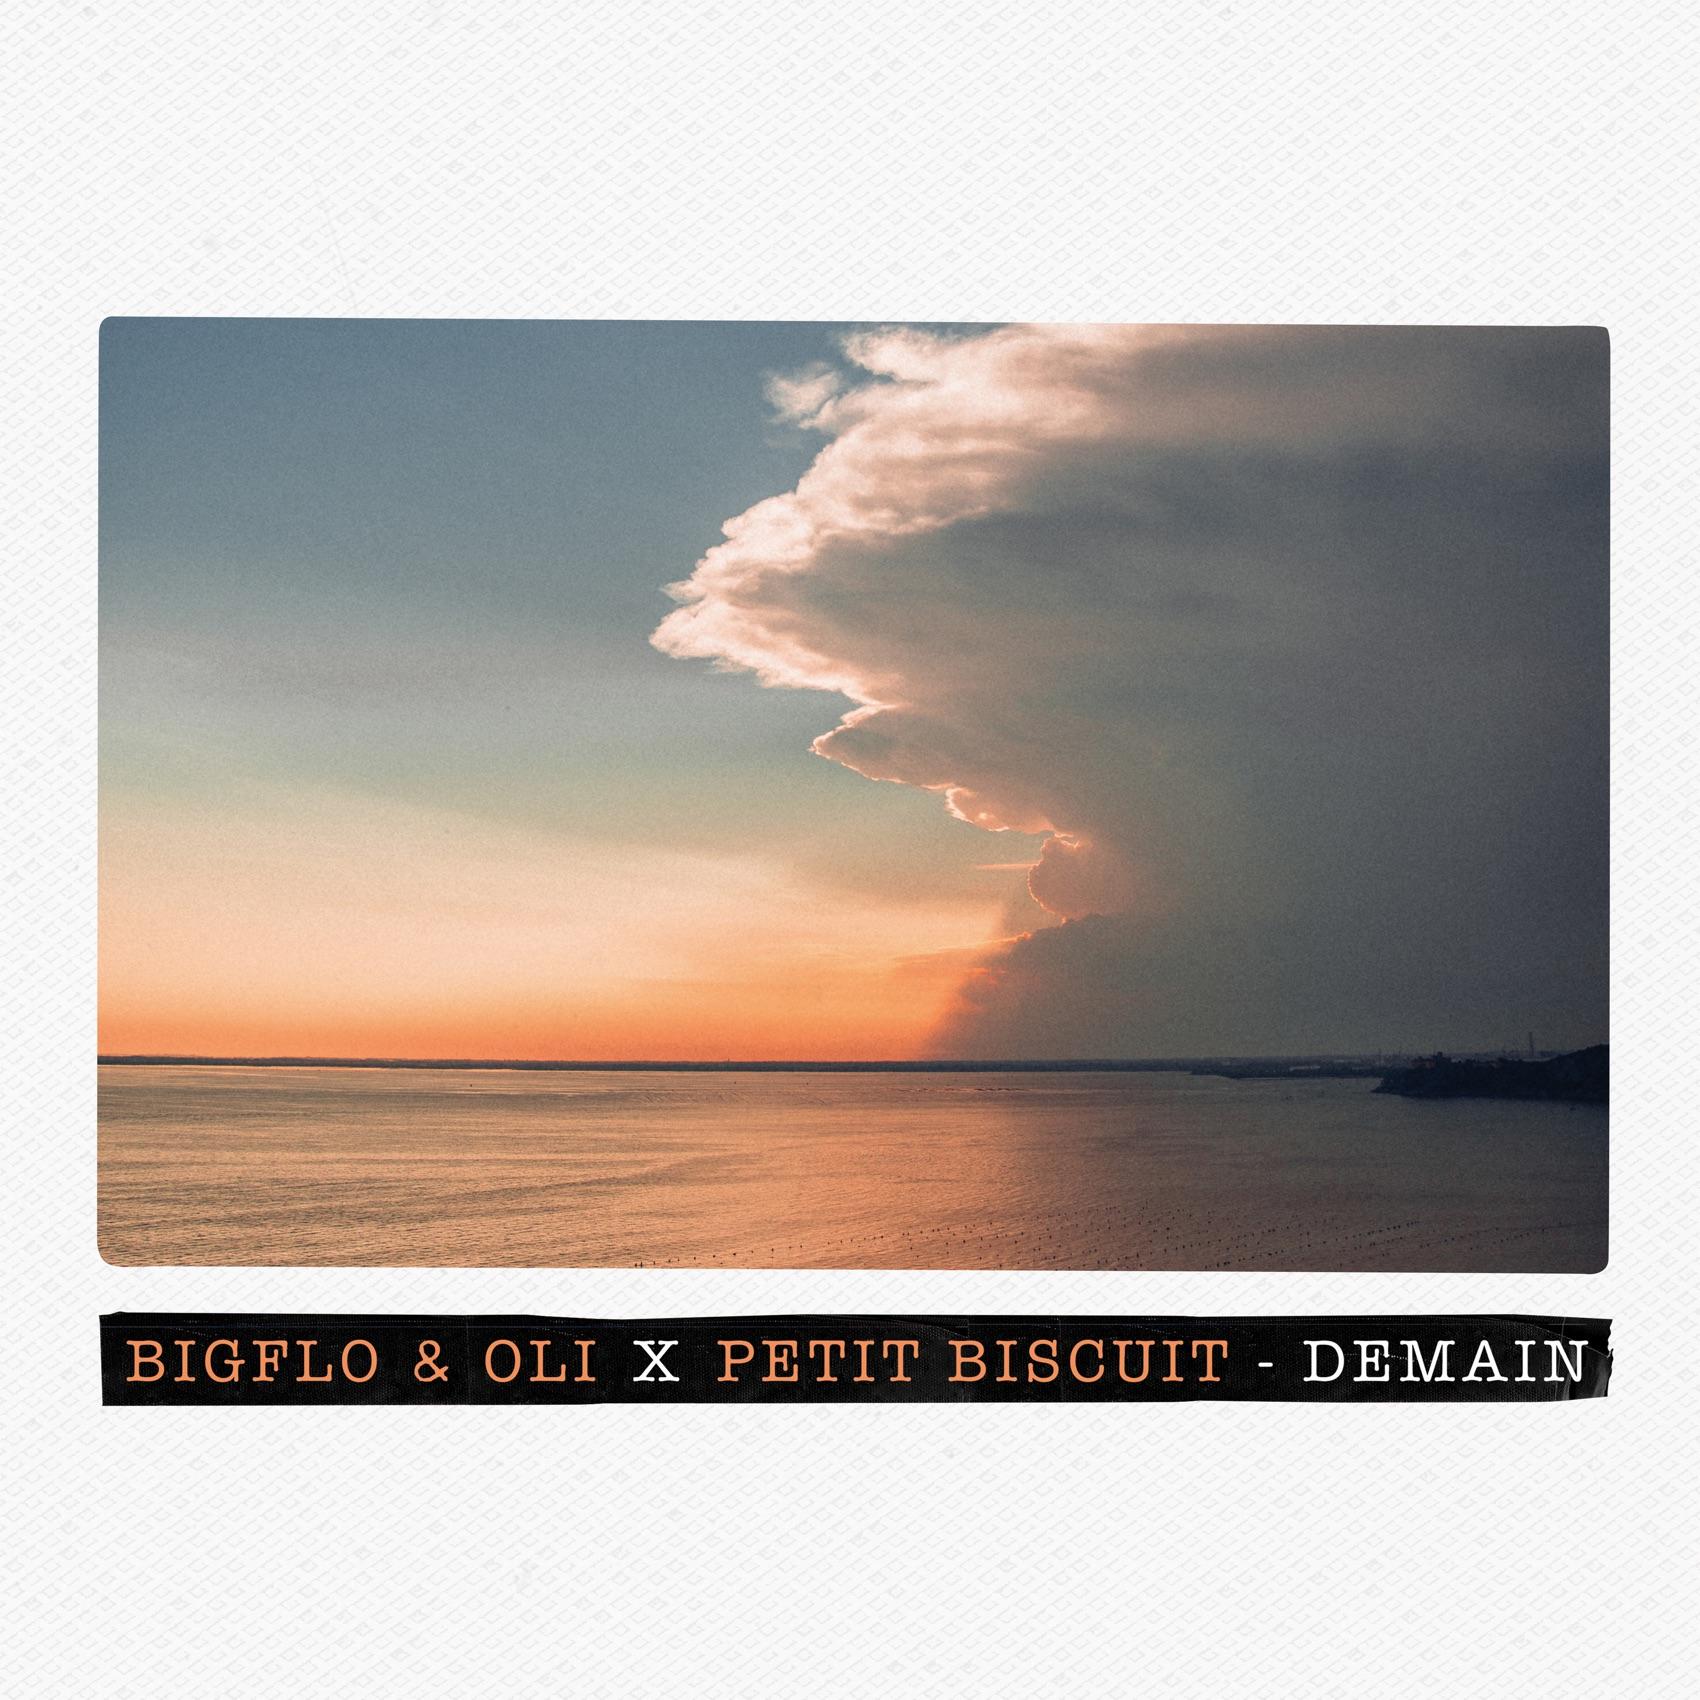 Bigflo & Oli, Petit Biscuit - Demain (Bigflo & Oli X Petit Biscuit)